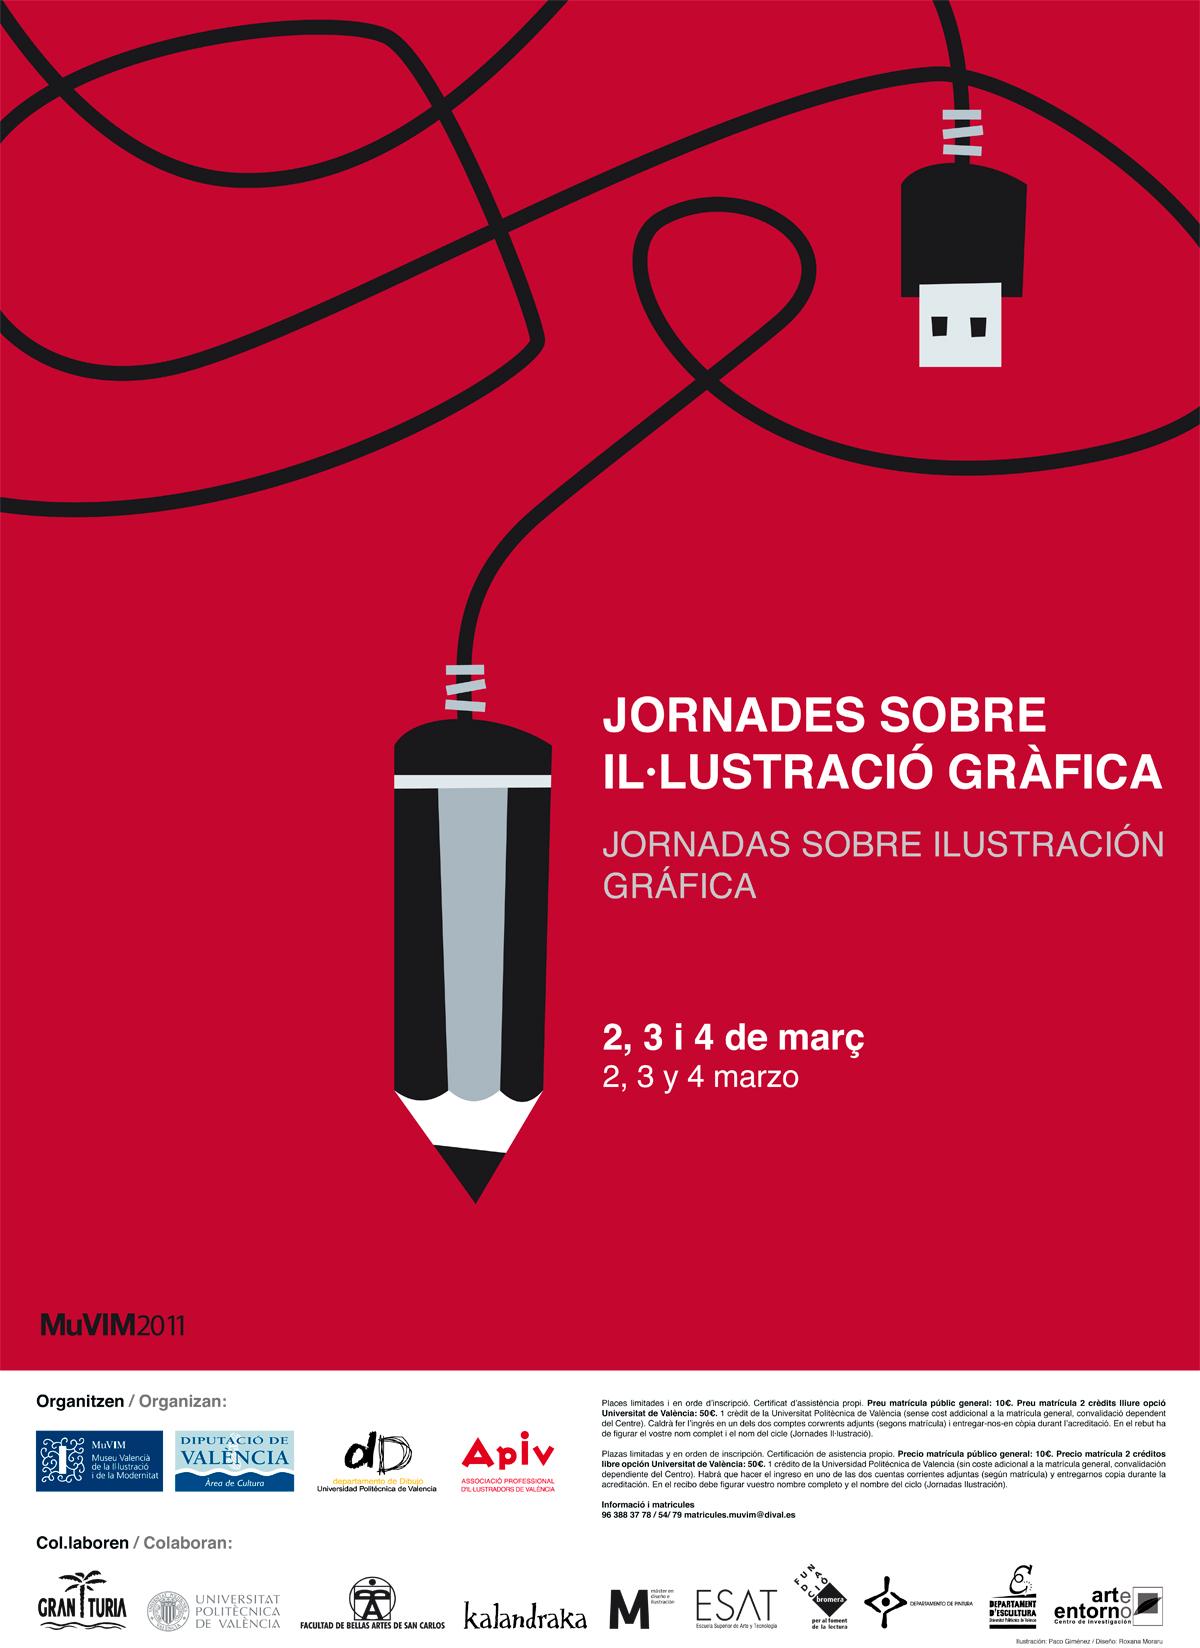 cartel 'Jornadas sobre ilustración gráfica' en el muVIM